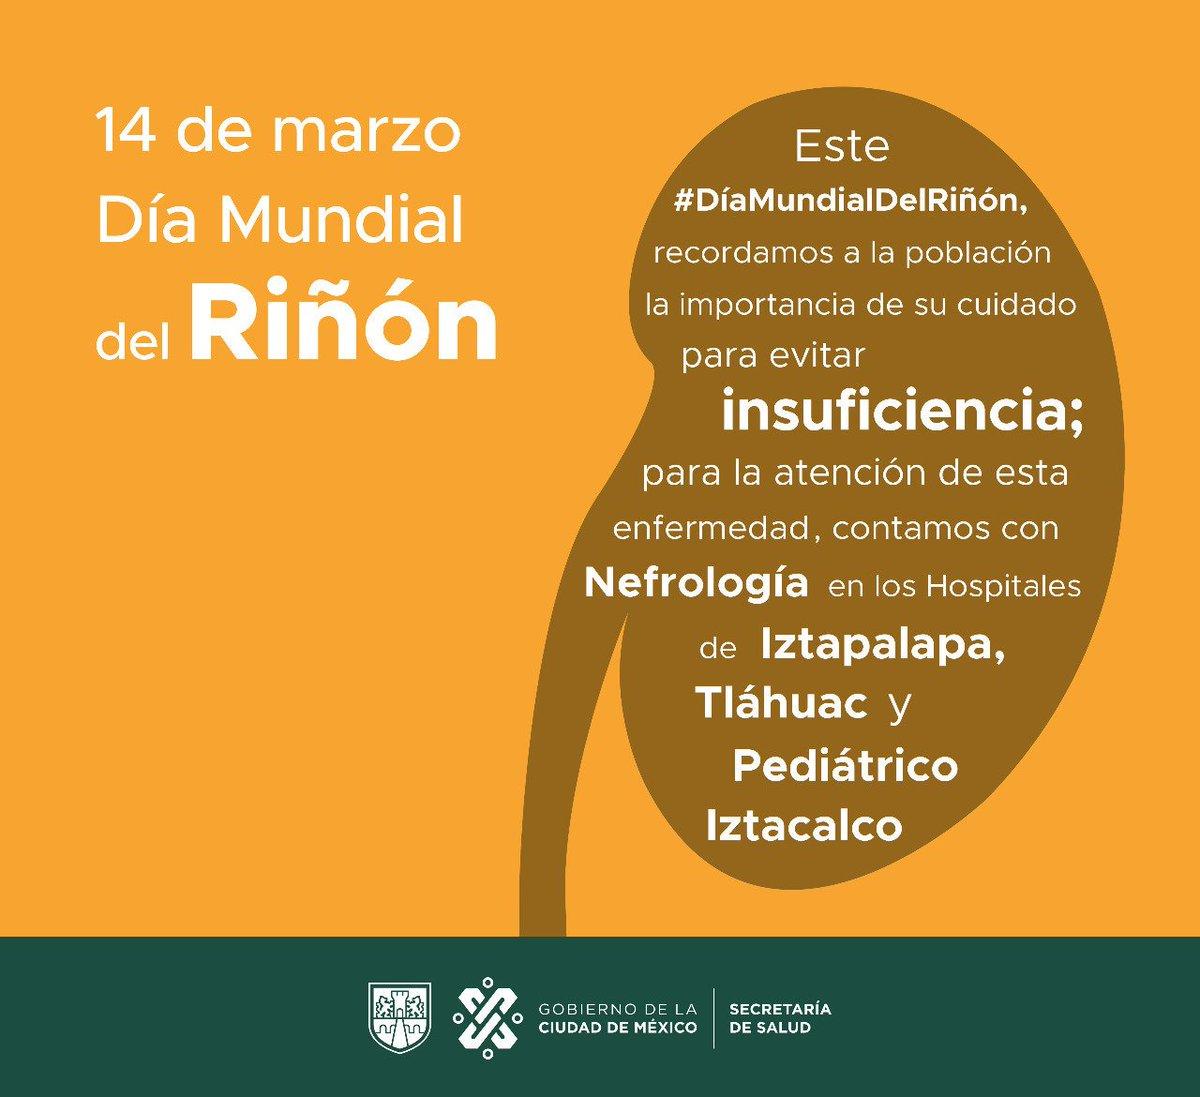 Secretaría Salud CDMX's photo on #DíaMundialDelRiñón